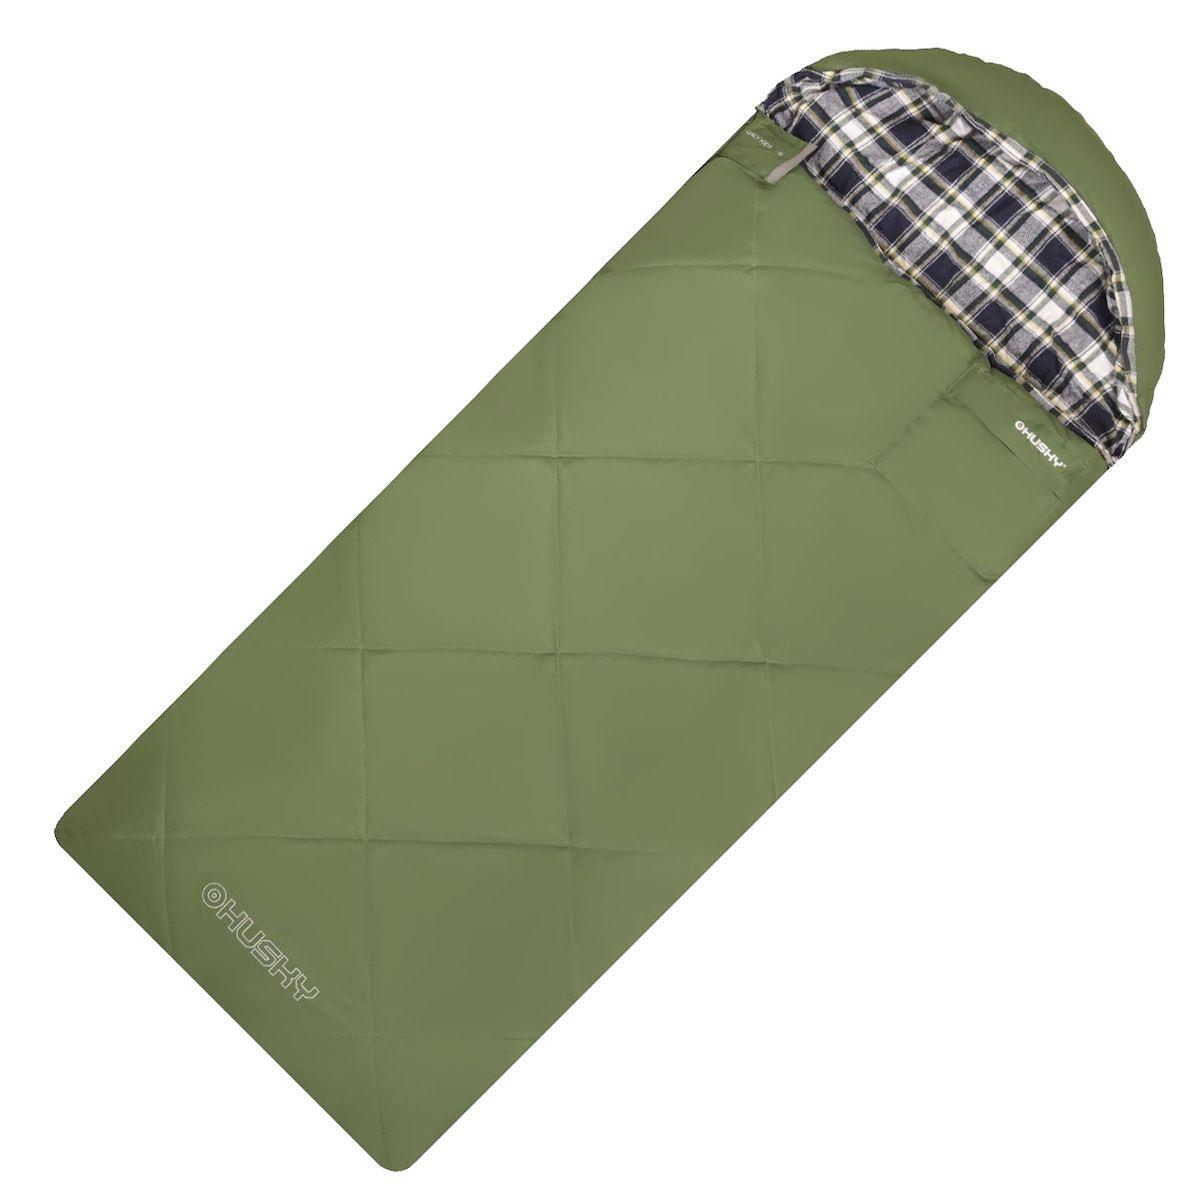 """Спальник - одеяло Husky """"GALY KIDS -5С"""", правая молния, цвет: зеленый УТ-000069842"""